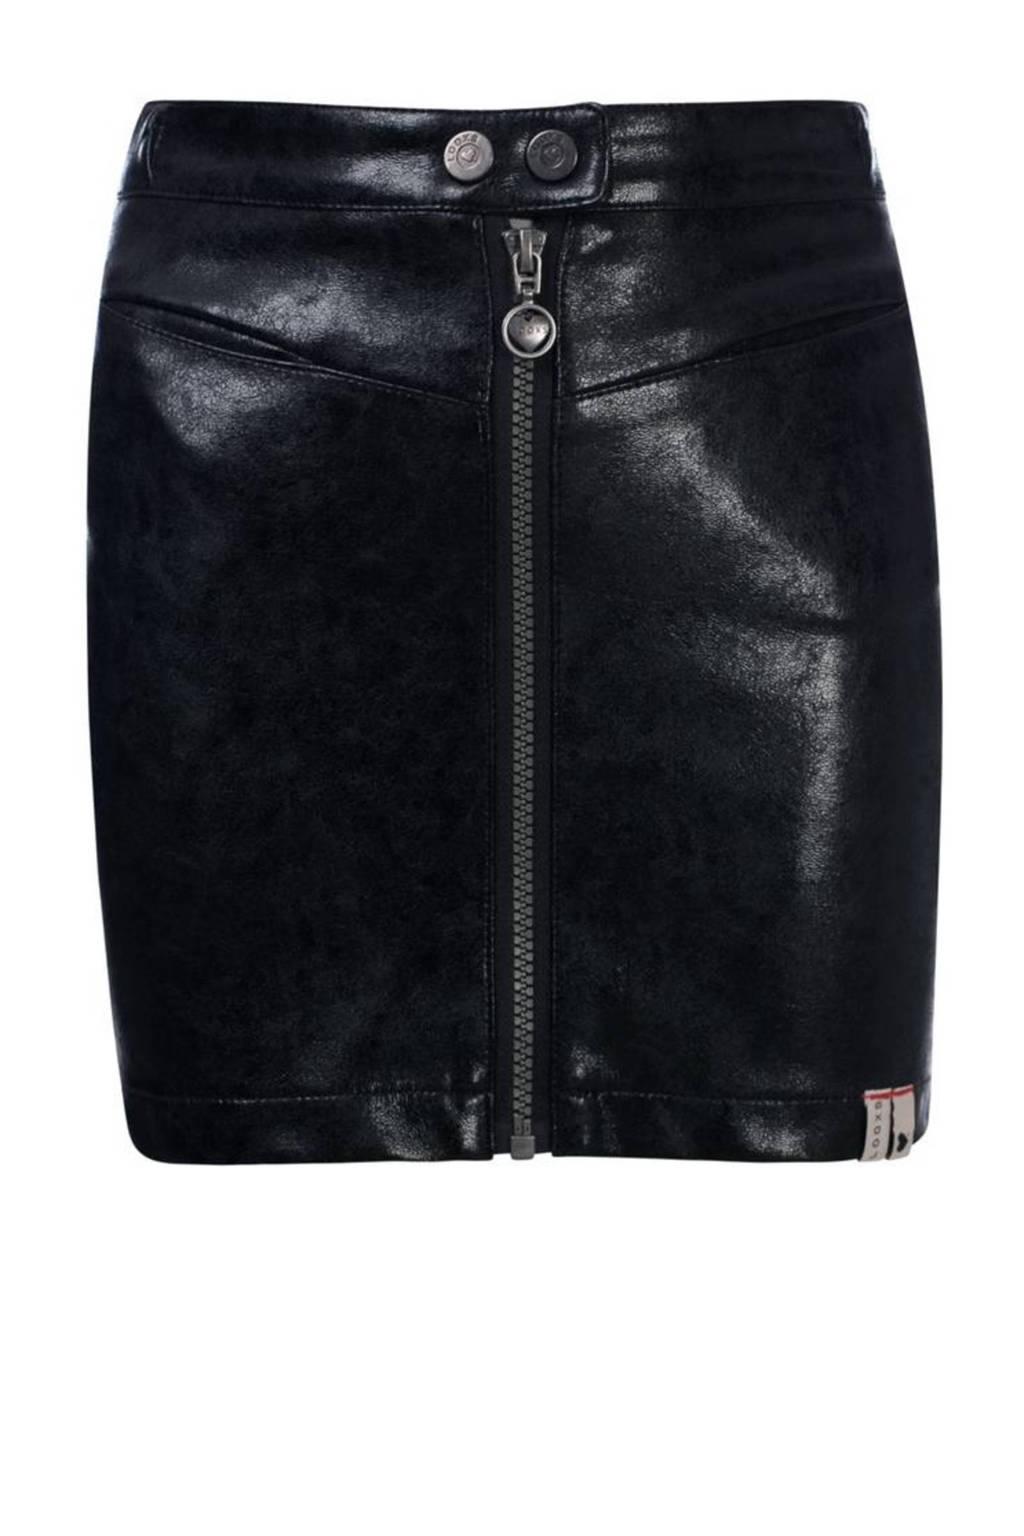 LOOXS 10sixteen imitatieleren rok zwart, Zwart